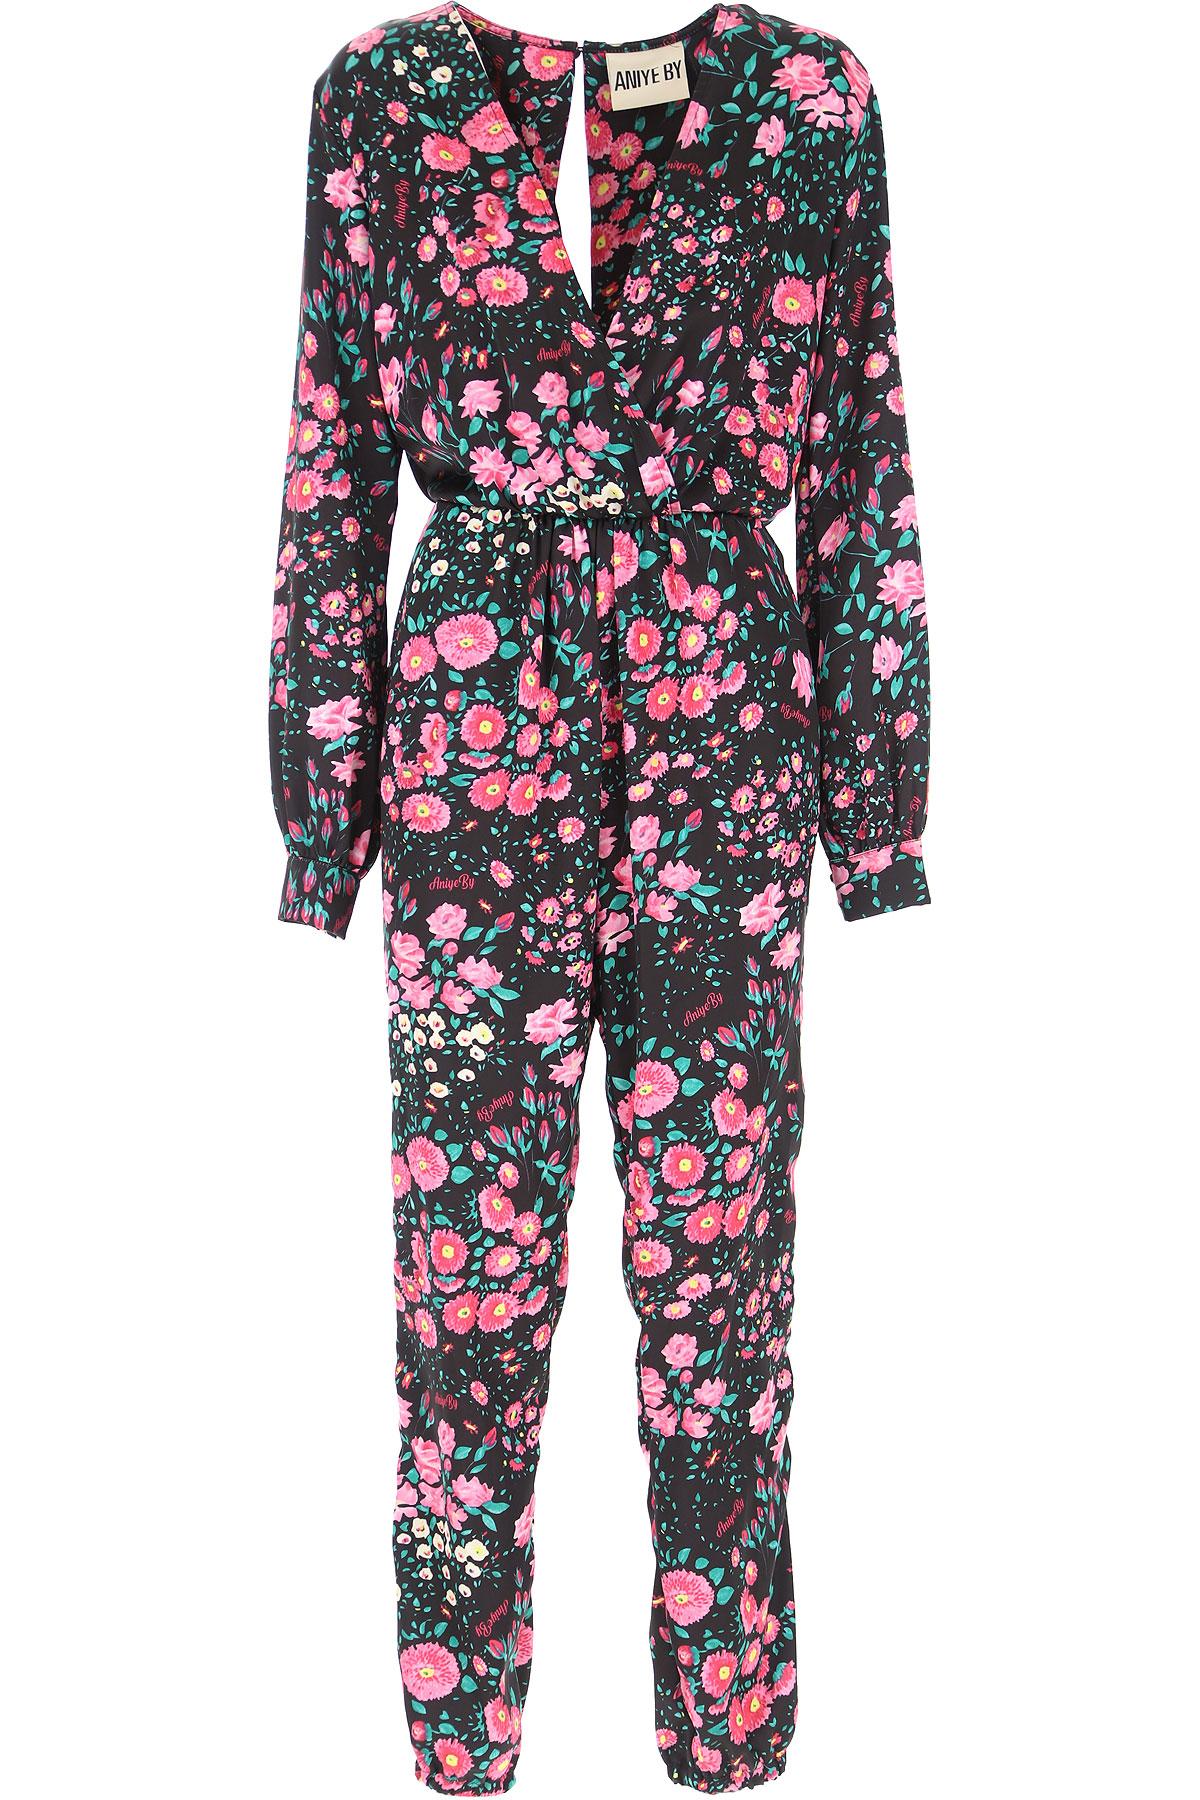 Aniye By Dress moterims, Evening Cocktail Party, juodi, polyestere, 2019, 38 40